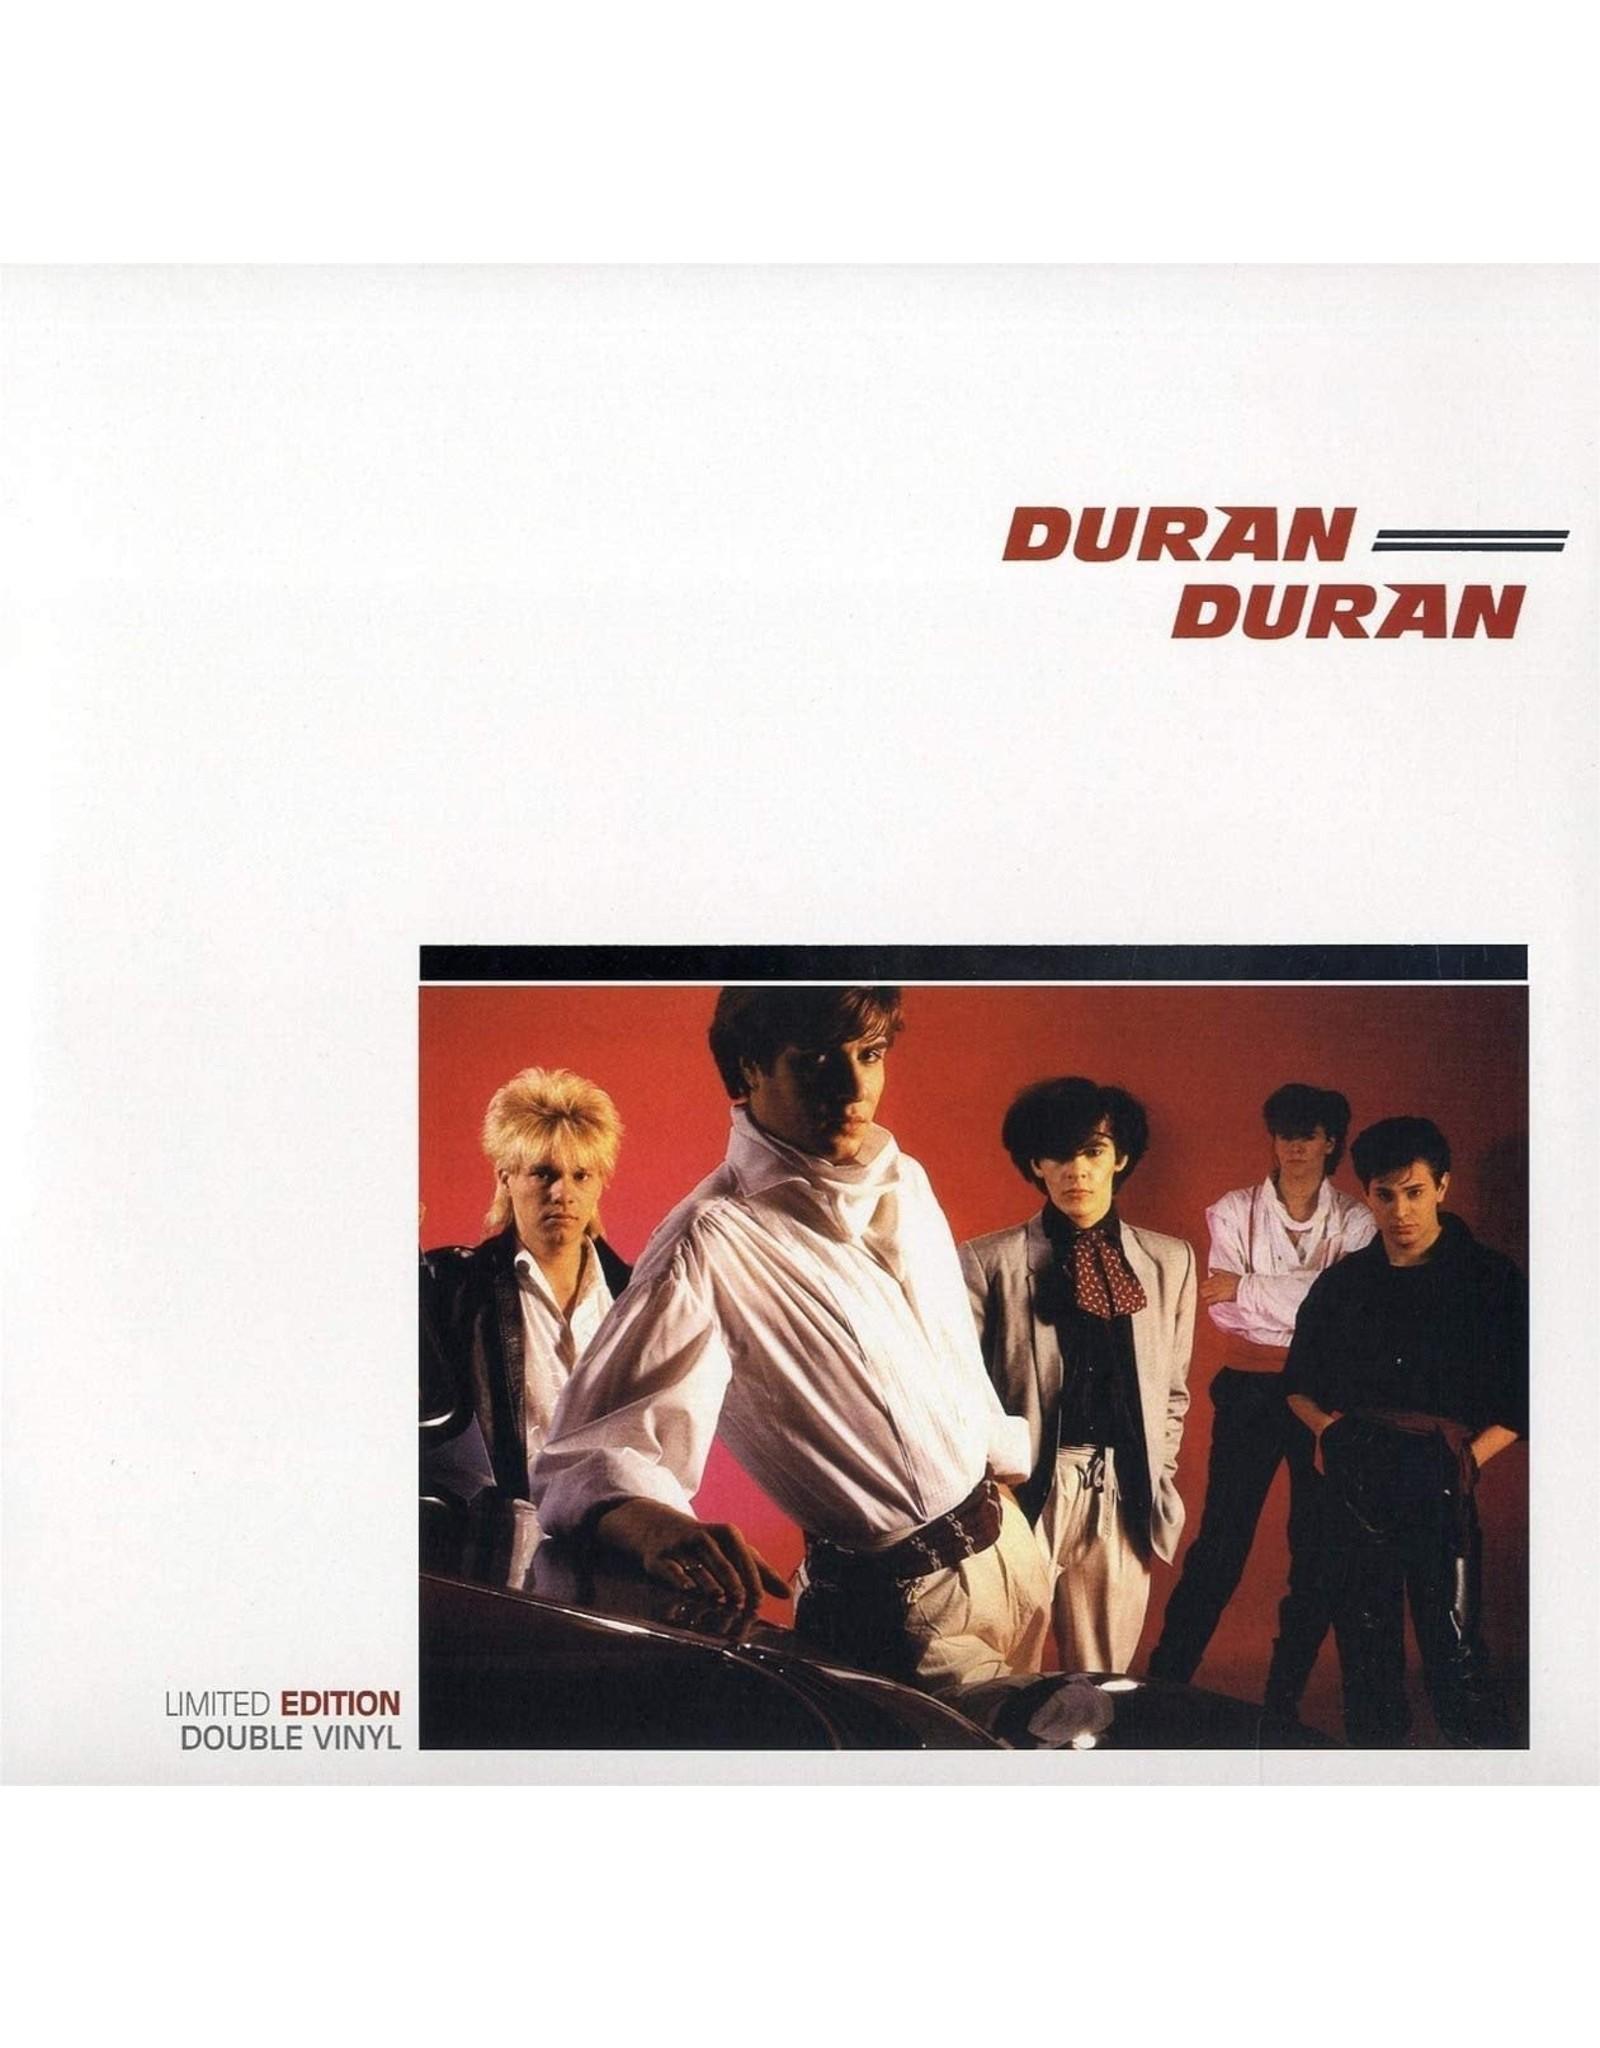 Duran Duran - Duran Duran  [Expanded Edition] (White Vinyl)